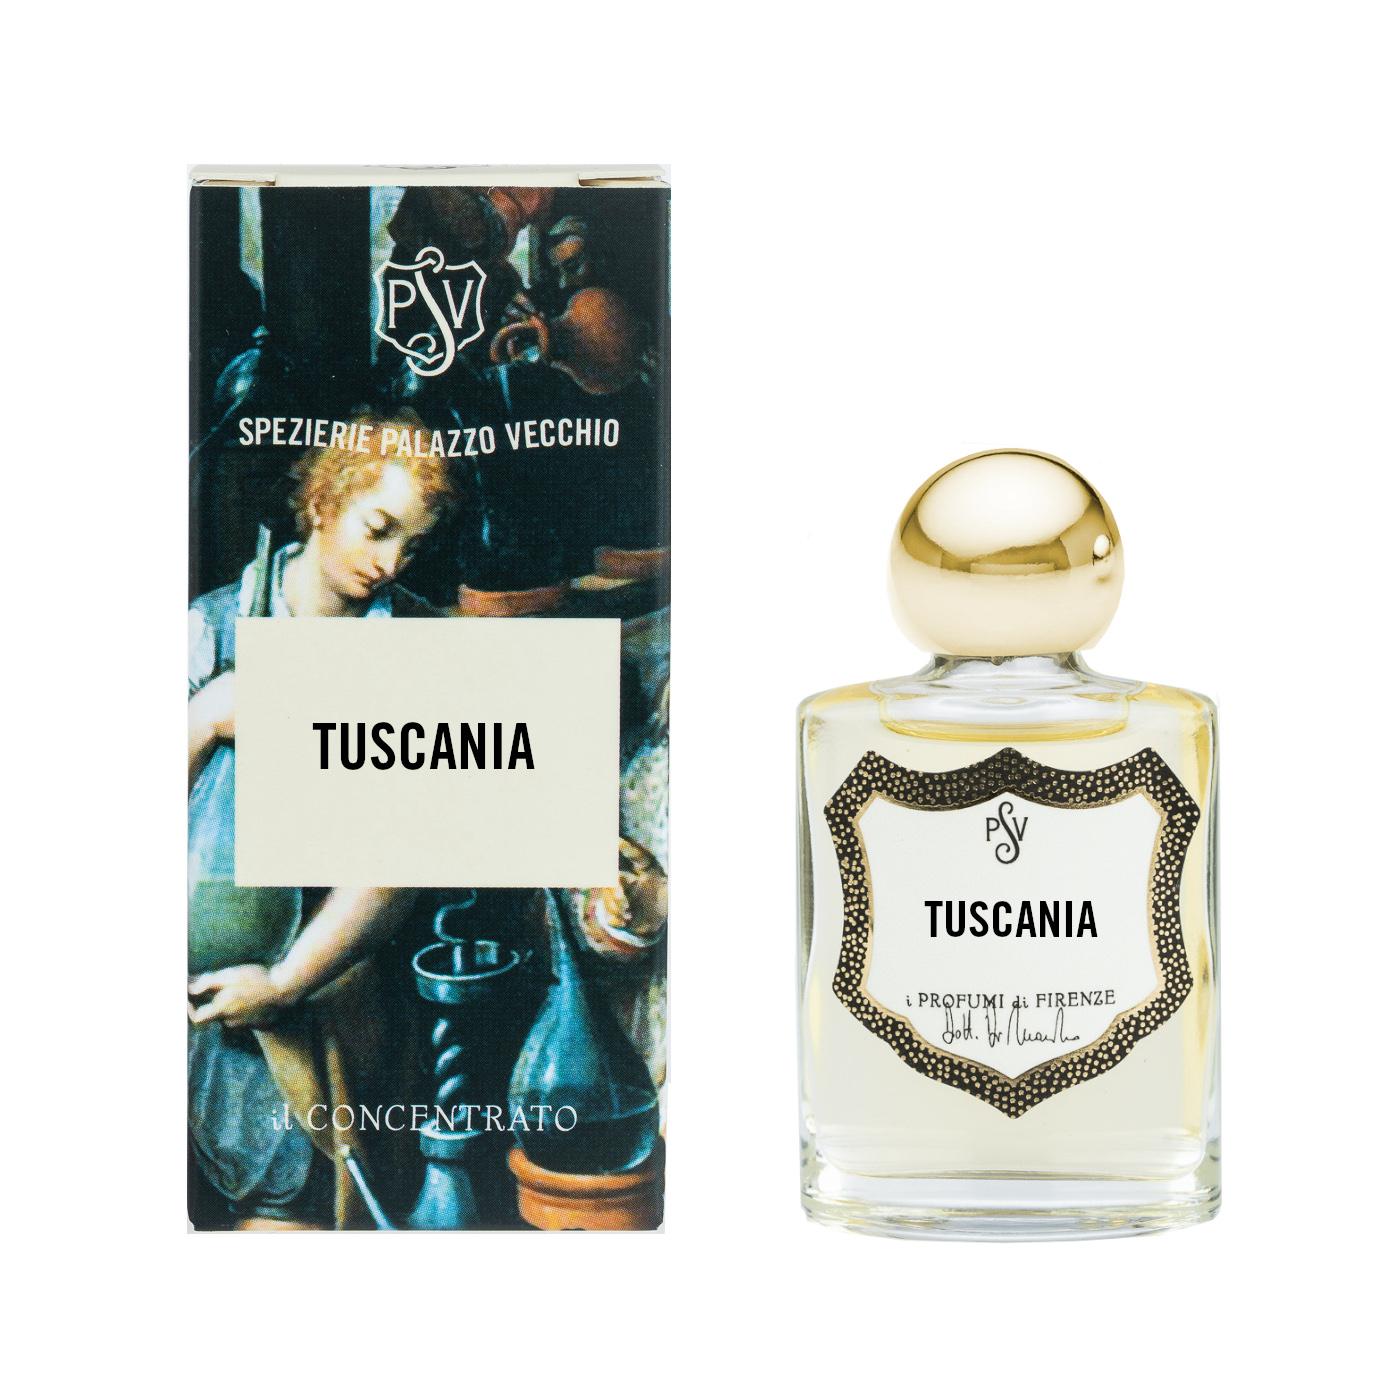 TUSCANIA - Il Concentrato-3883